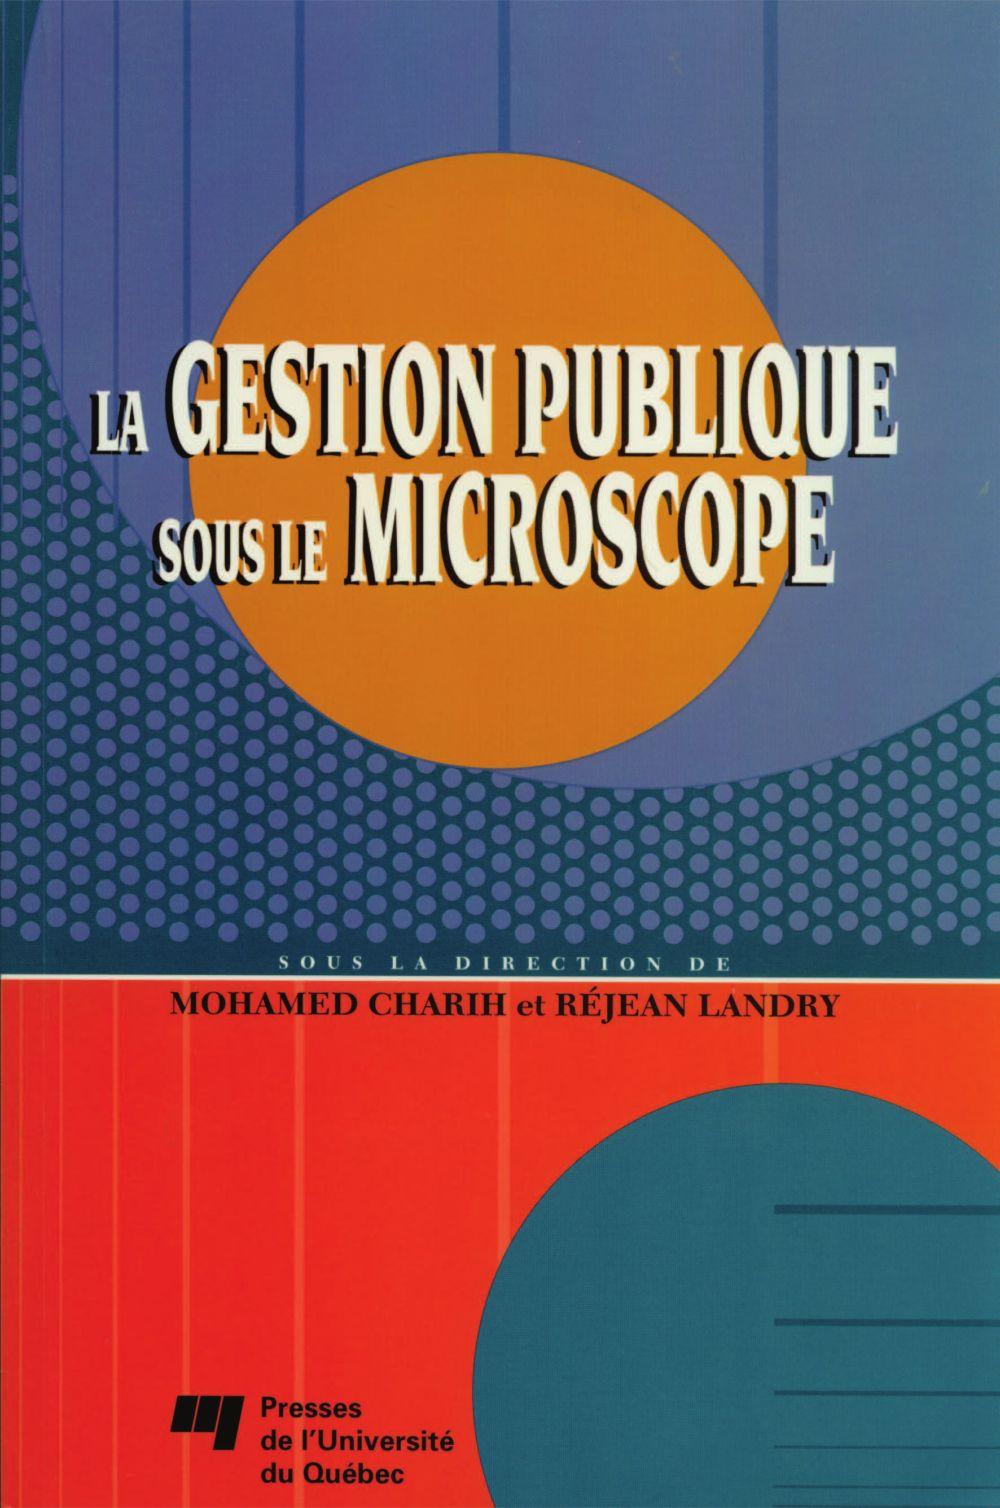 La gestion publique sous le microscope